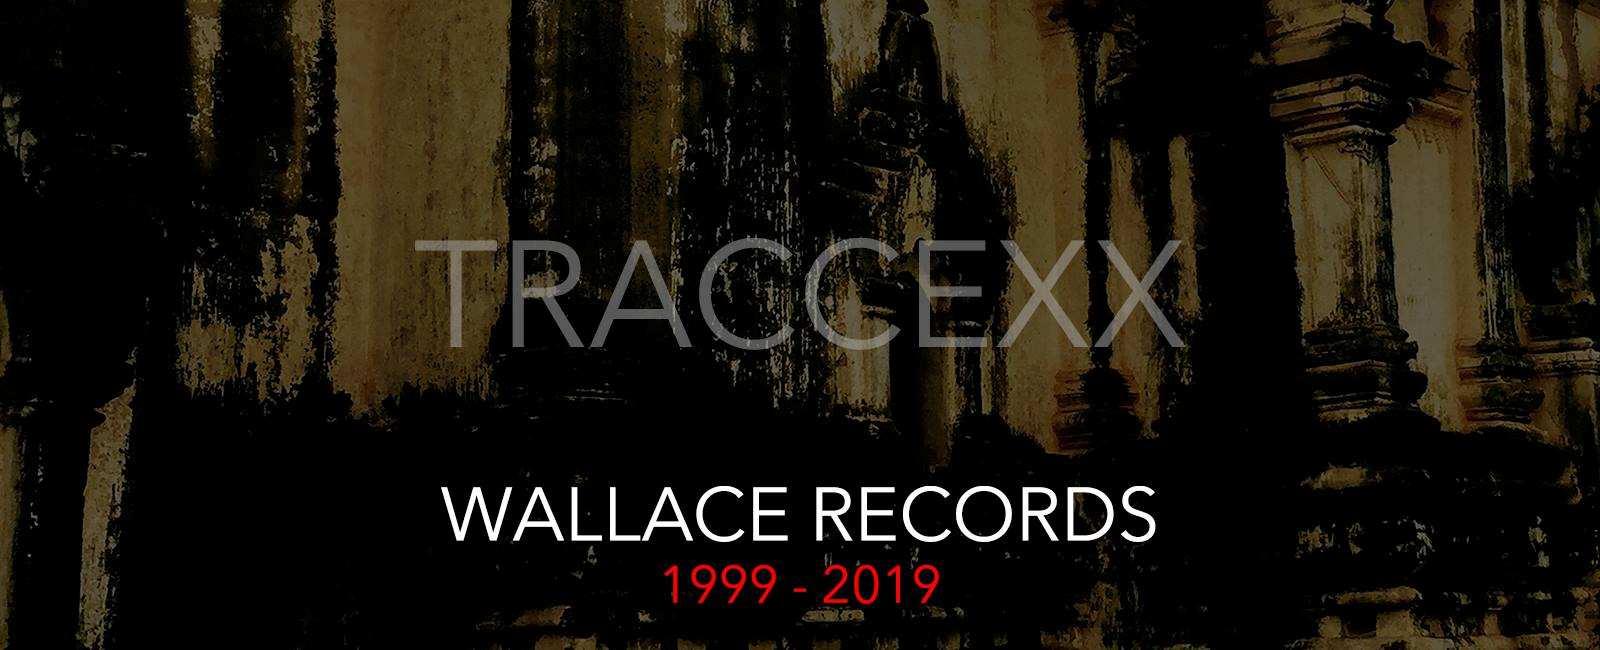 TRACCE XX, la compilation punk sperimentale